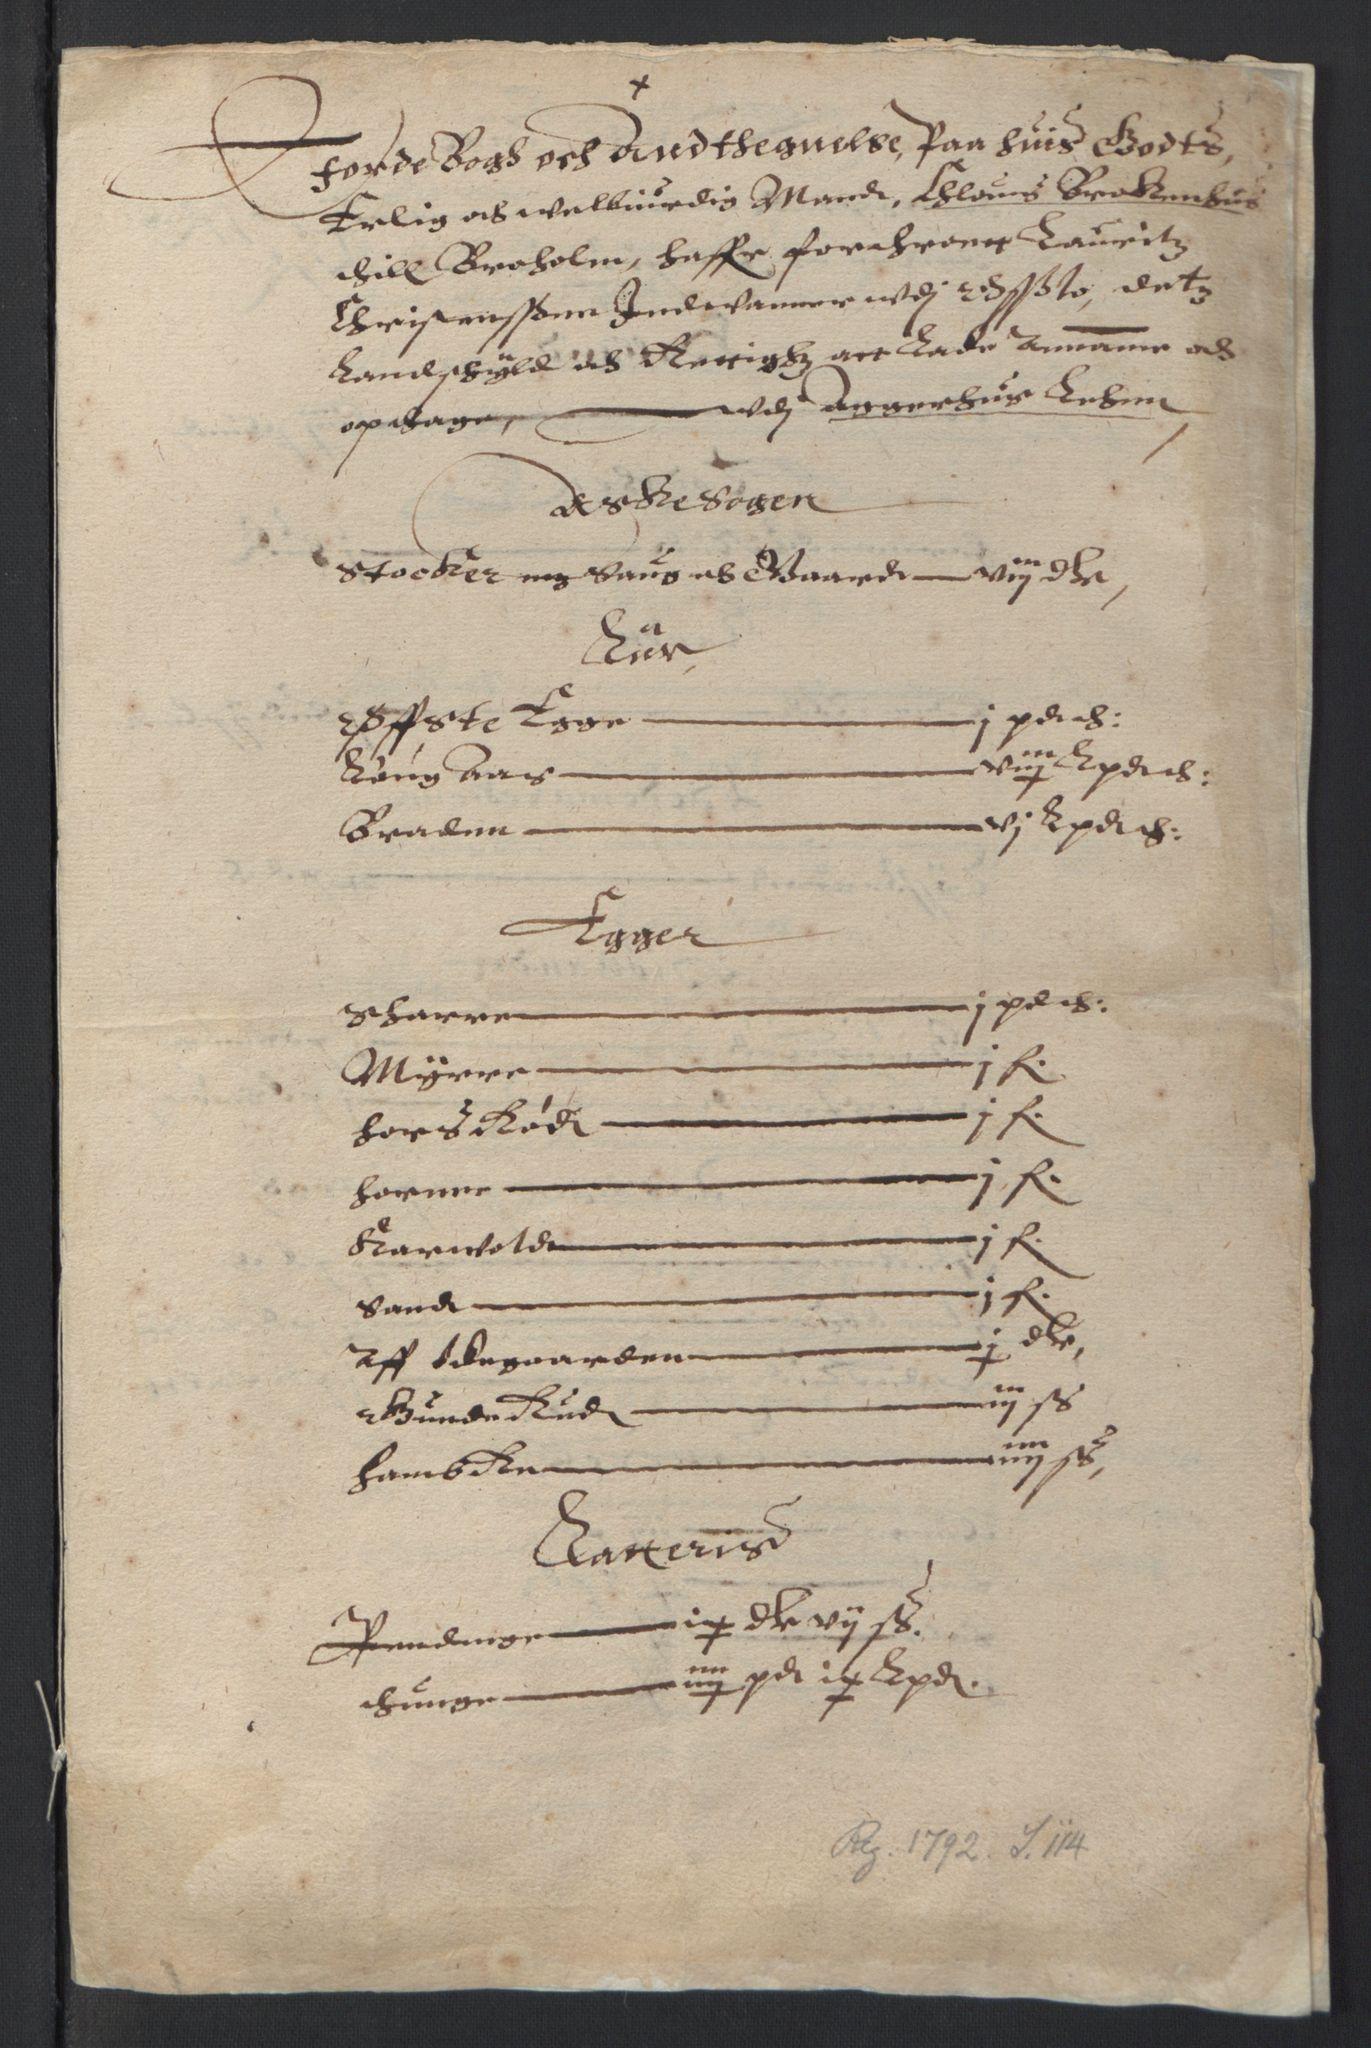 RA, Stattholderembetet 1572-1771, Ek/L0007: Jordebøker til utlikning av rosstjeneste 1624-1626:, 1624-1625, s. 110